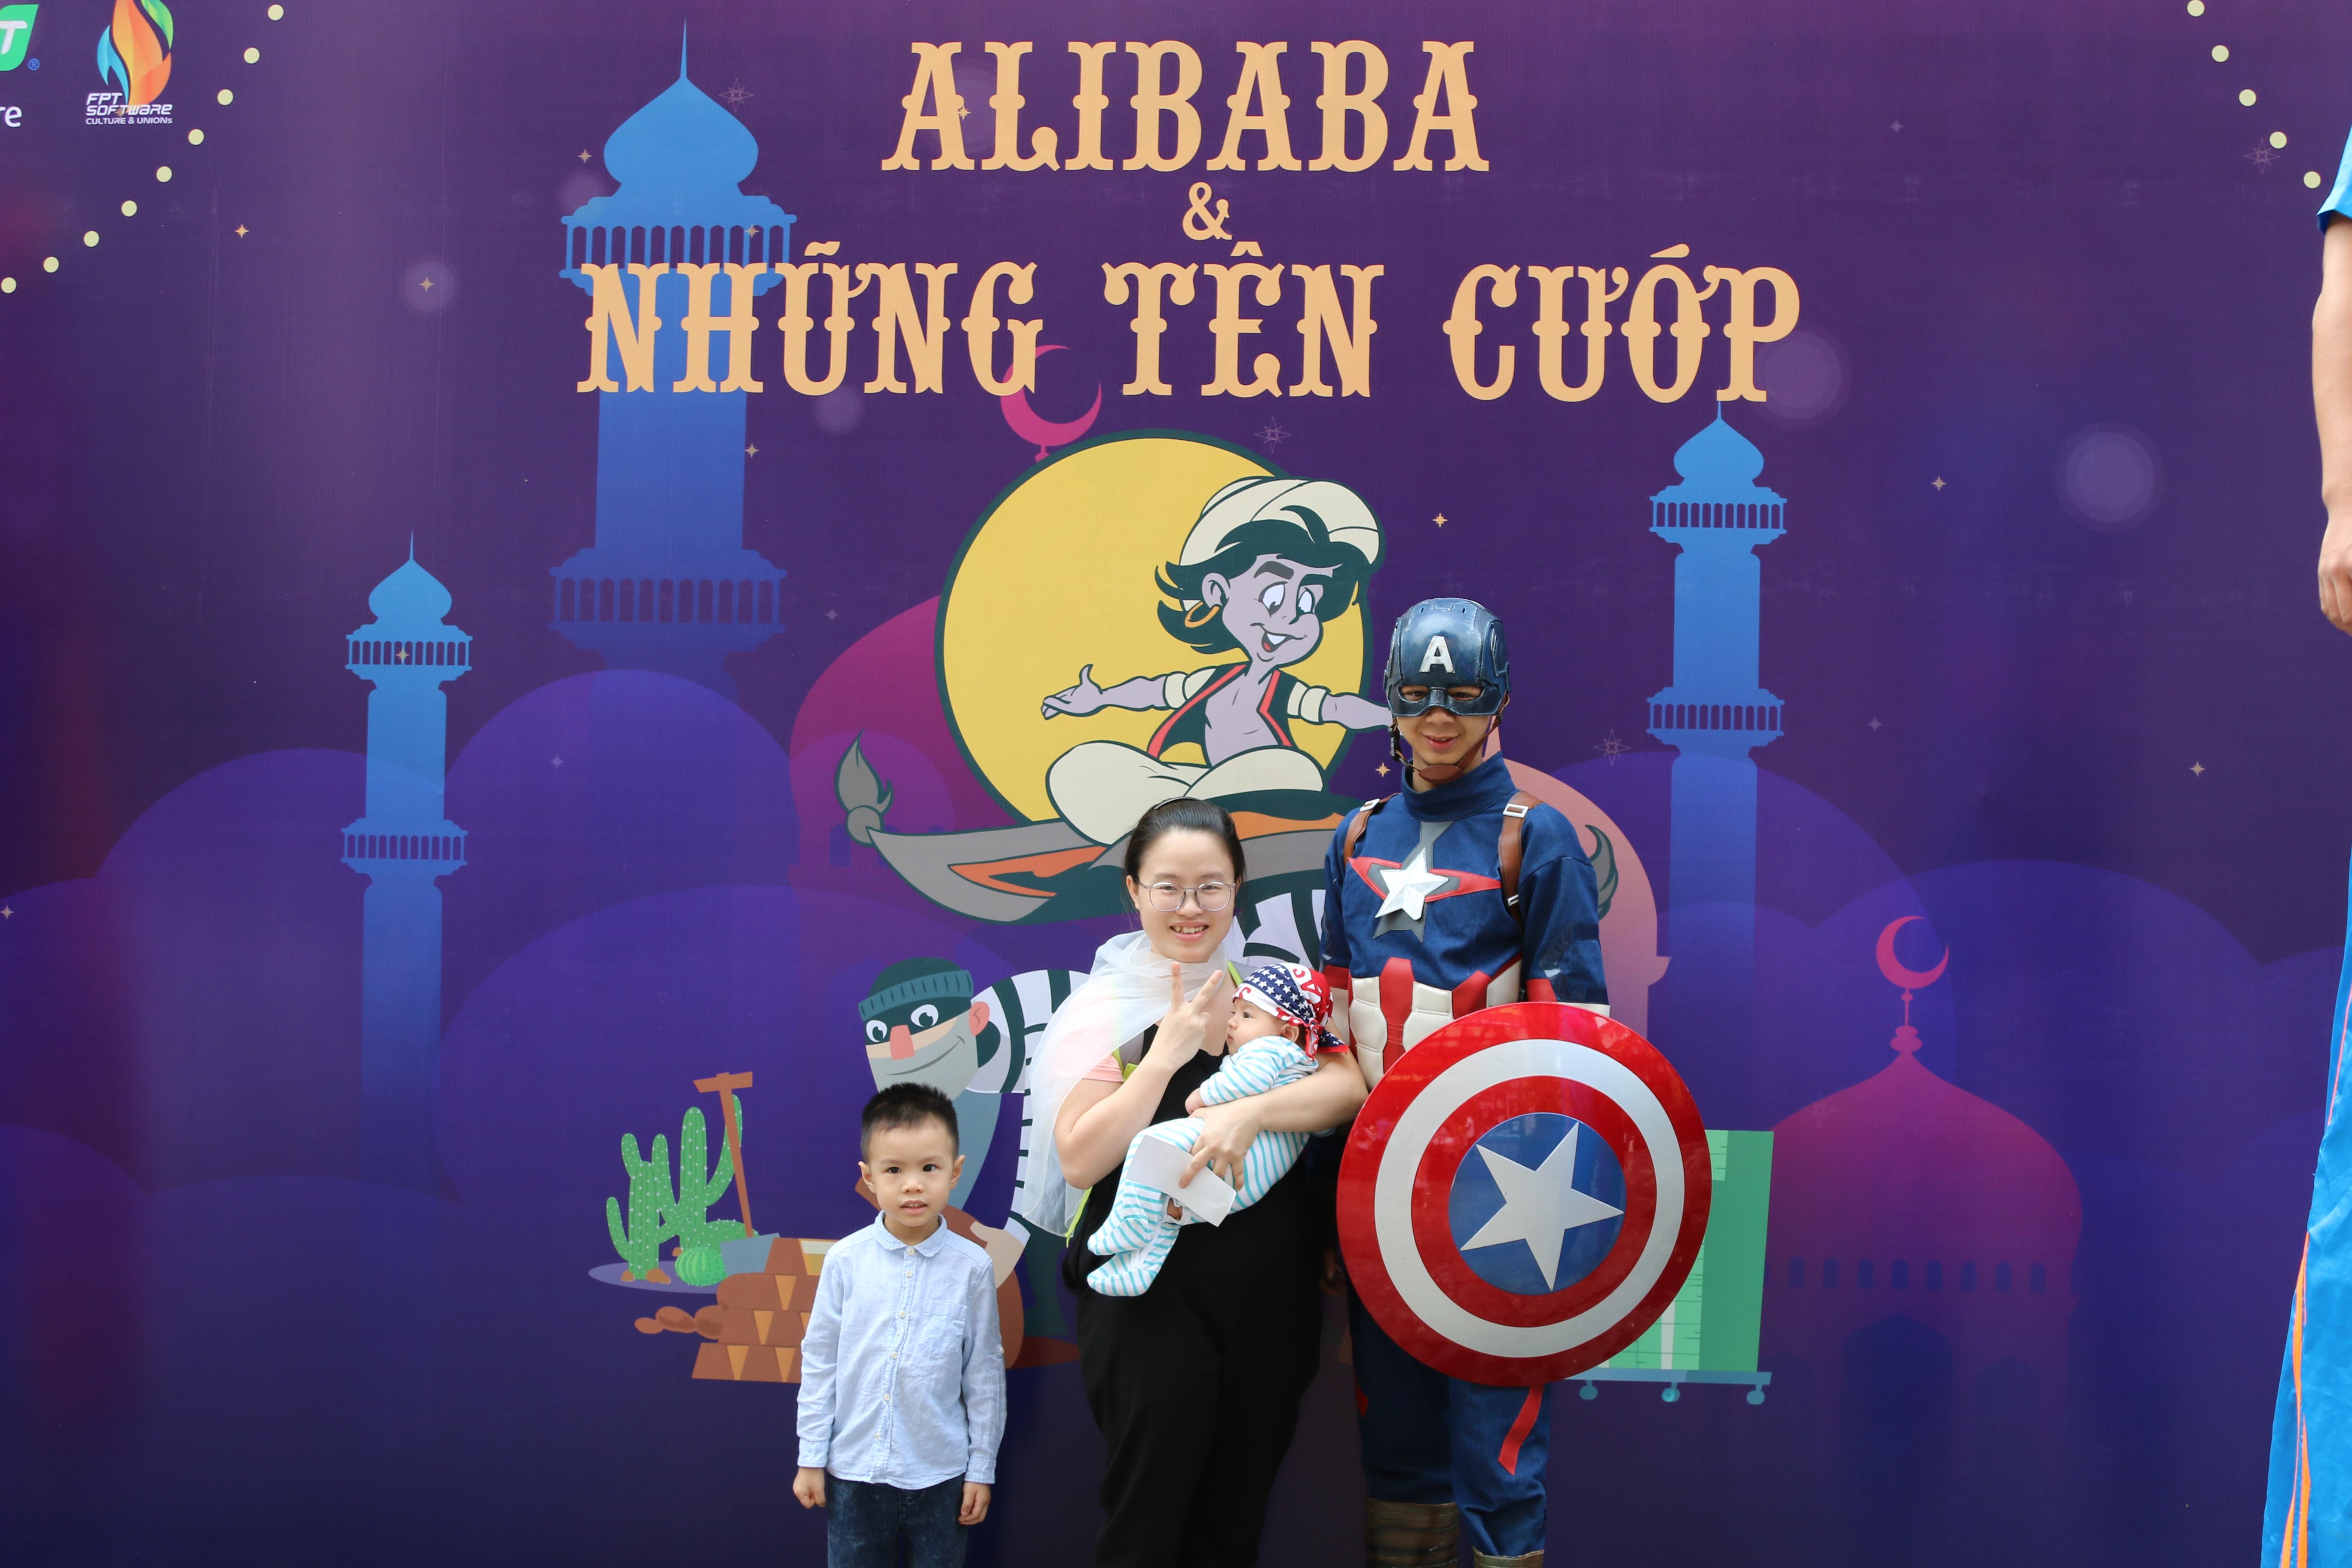 Dù 9h chương trình mới bắt đầu nhưng nhiều CBNV đã dẫn các bé tới rạp từ khá sớm để tham gia các hoạt động bên lề. Nhiều phụ huynh còn dẫn ông bà đến chung vui, như một dịp để gia đình quây quần bên nhau.